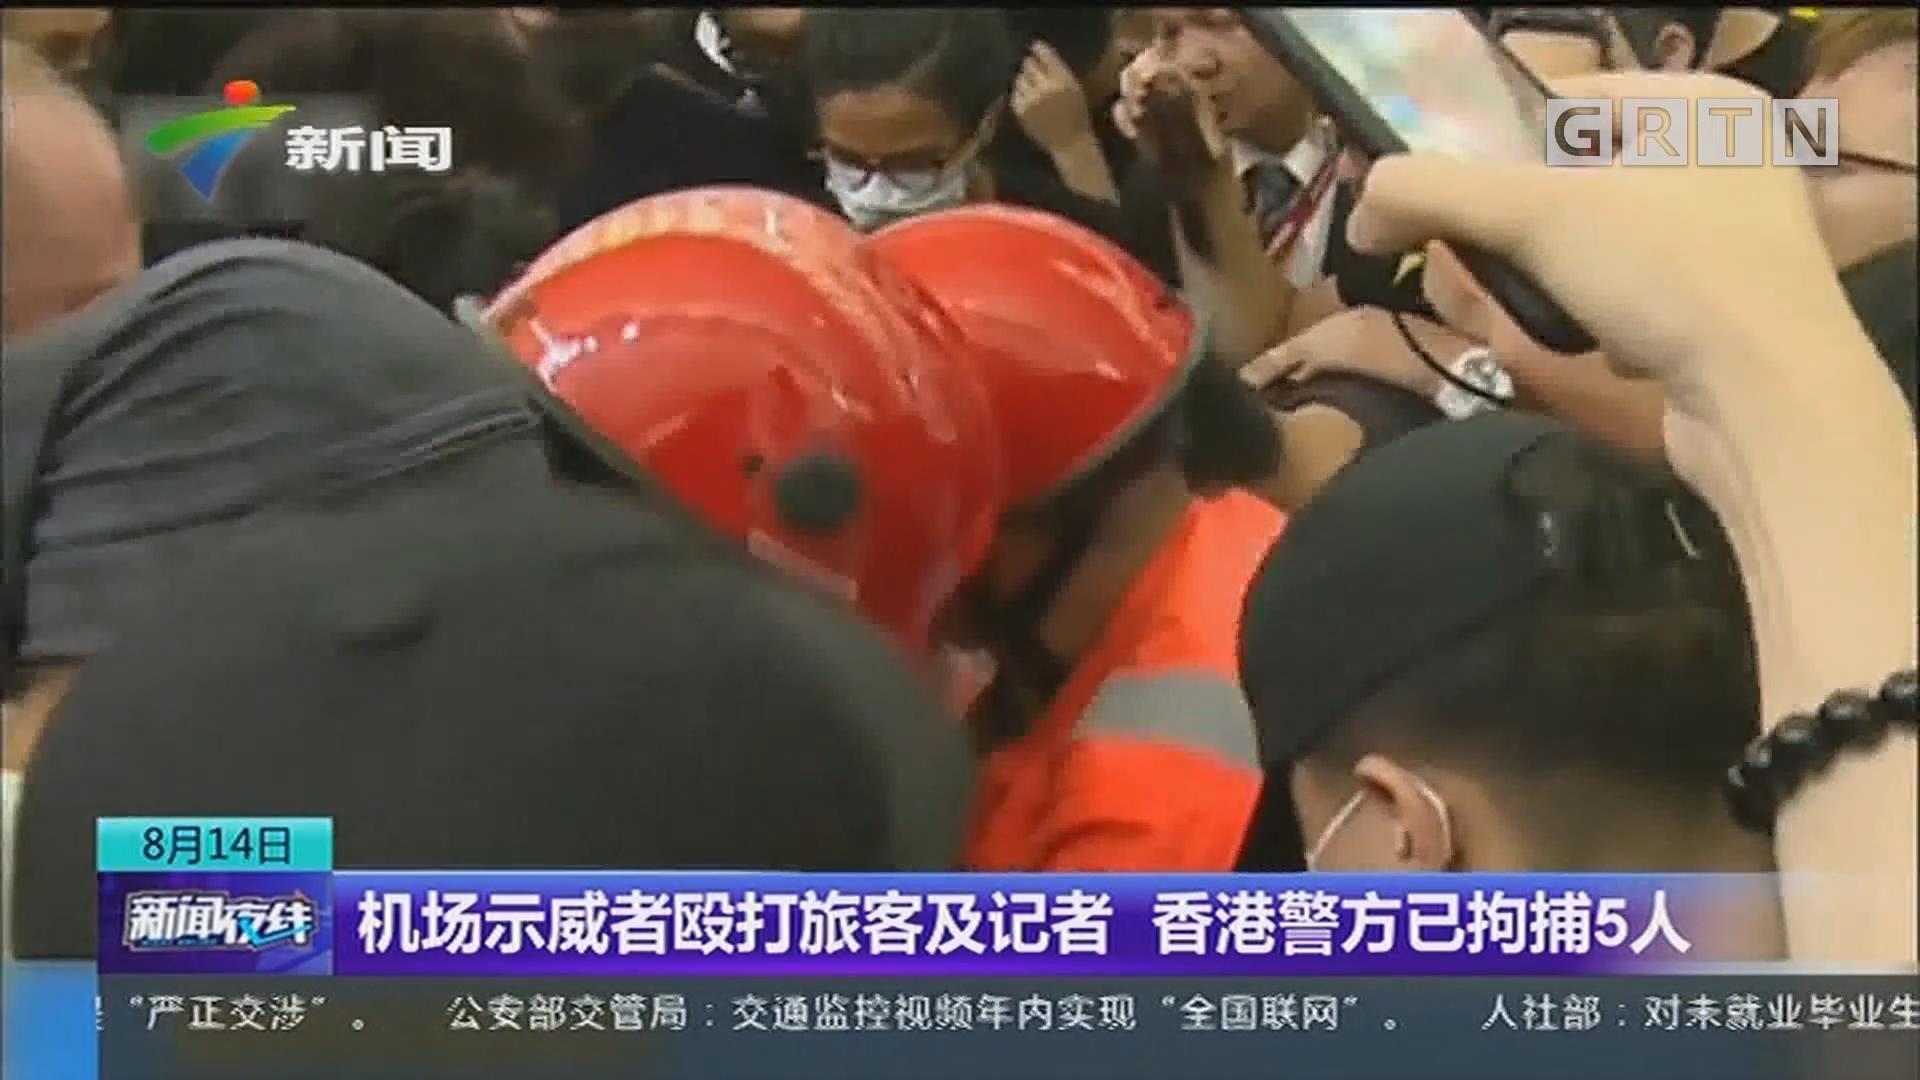 机场示威者殴打旅客及记者 香港警方已拘捕5人